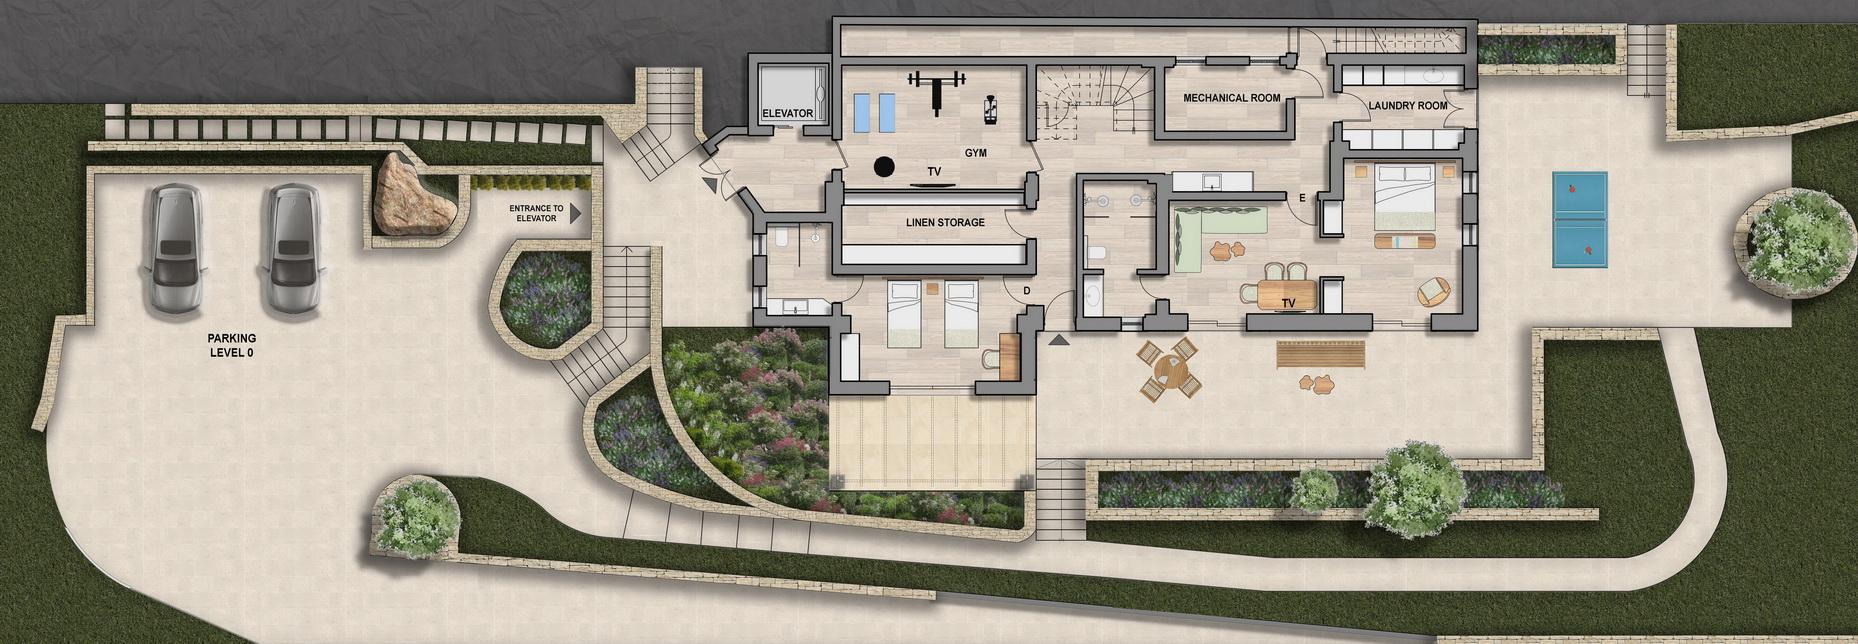 admin.corfuhomes.gr admin.corfuhomes.gr villa phos ground floor resize 1